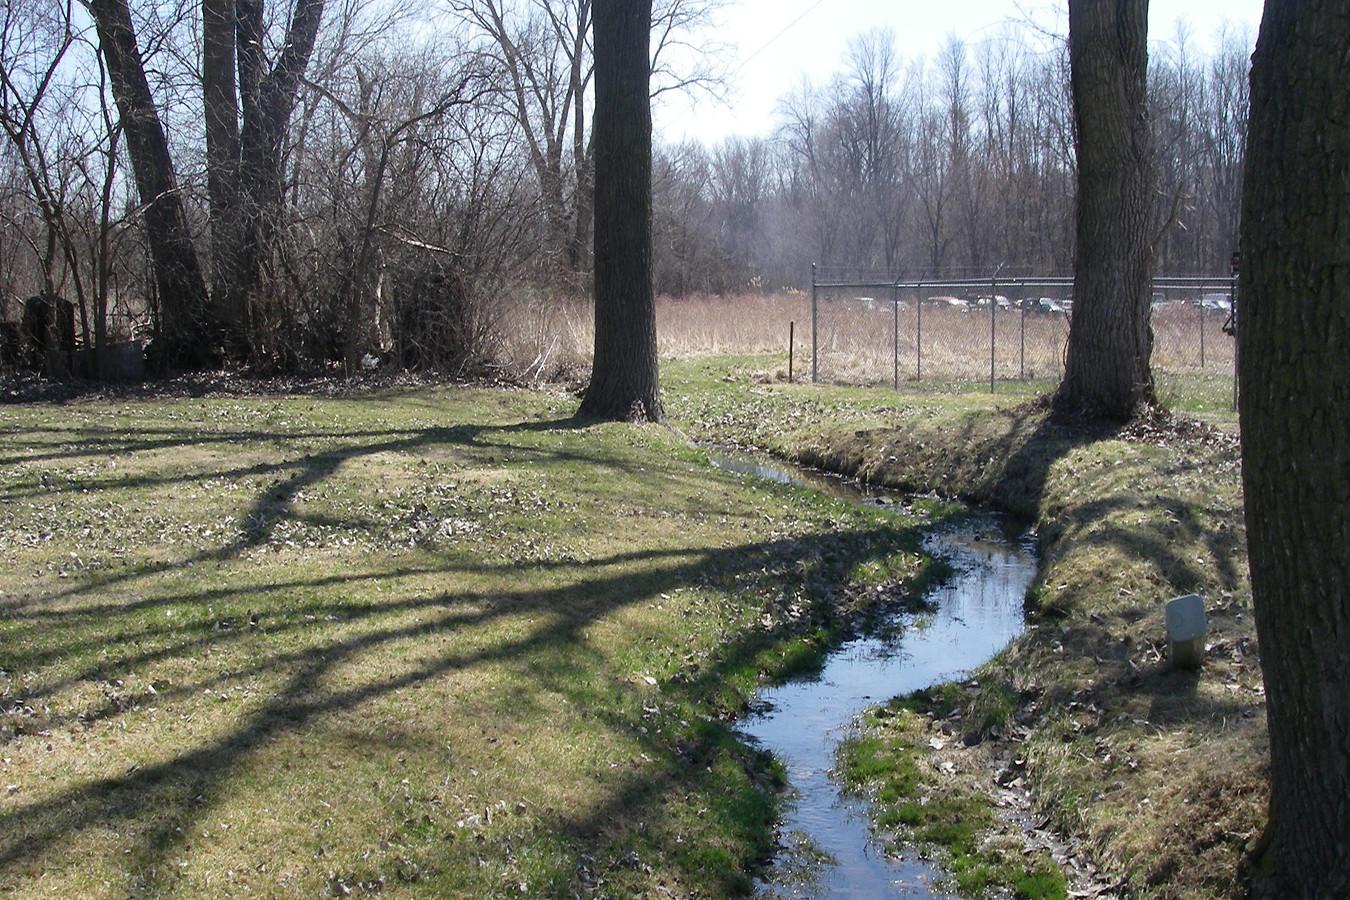 Fairmont Community Flood Study | Ciorba Group